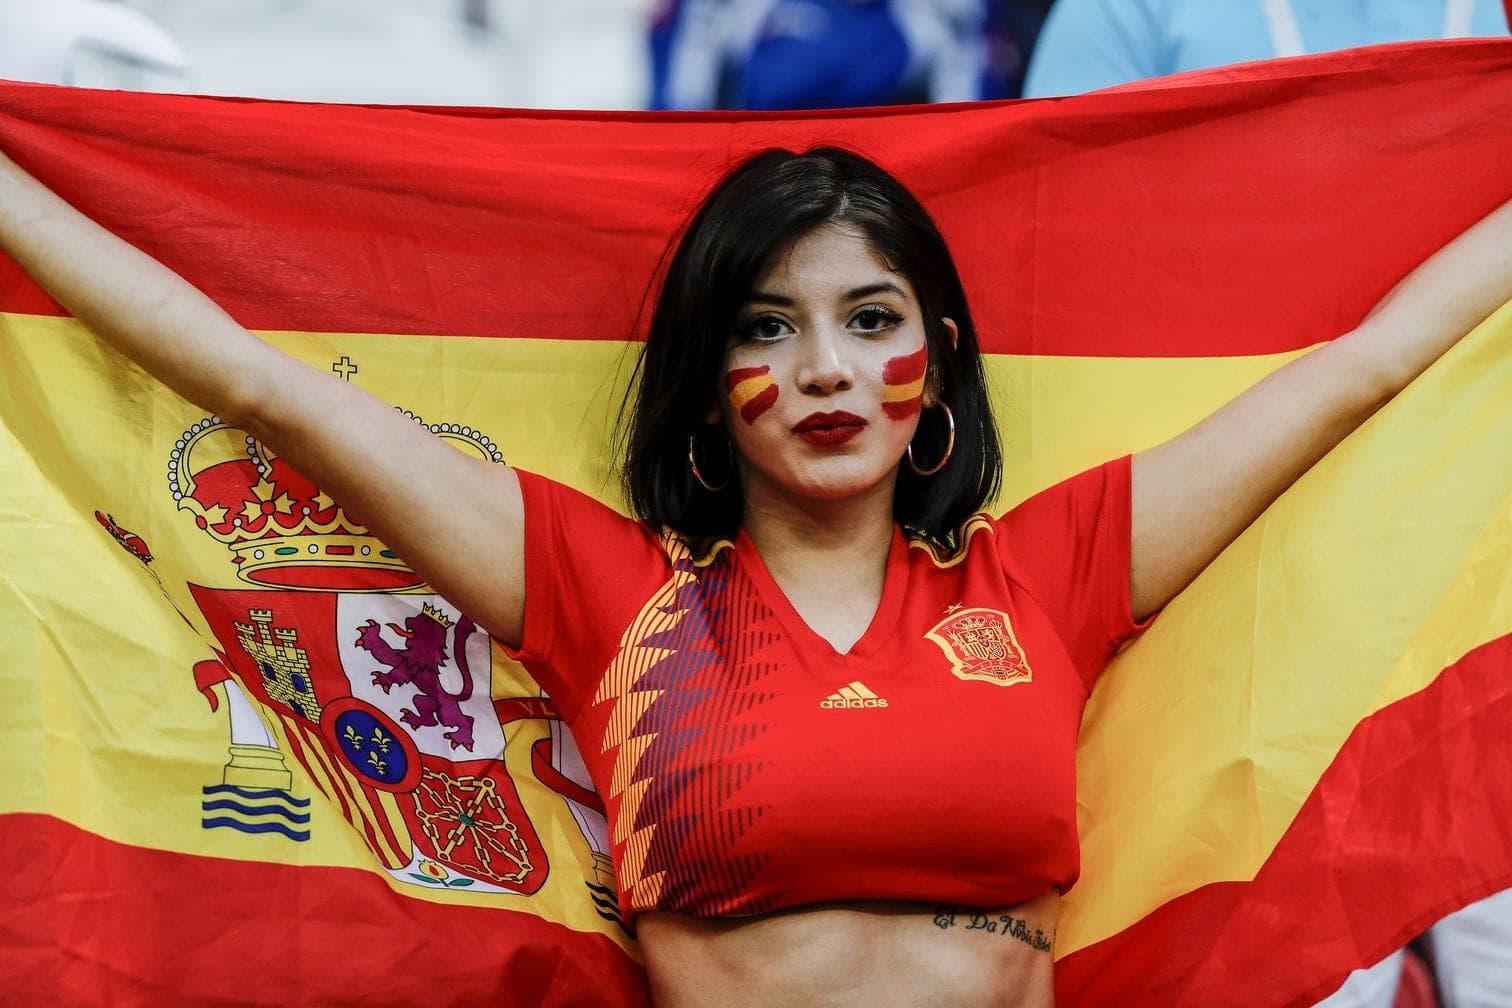 Jekaretinburg oder einem der sonstigen Austragungsorte: Wir zeigen Ihnen die schönsten weiblichen Fans beim Turnier in Russland.</p> Foto: dpa